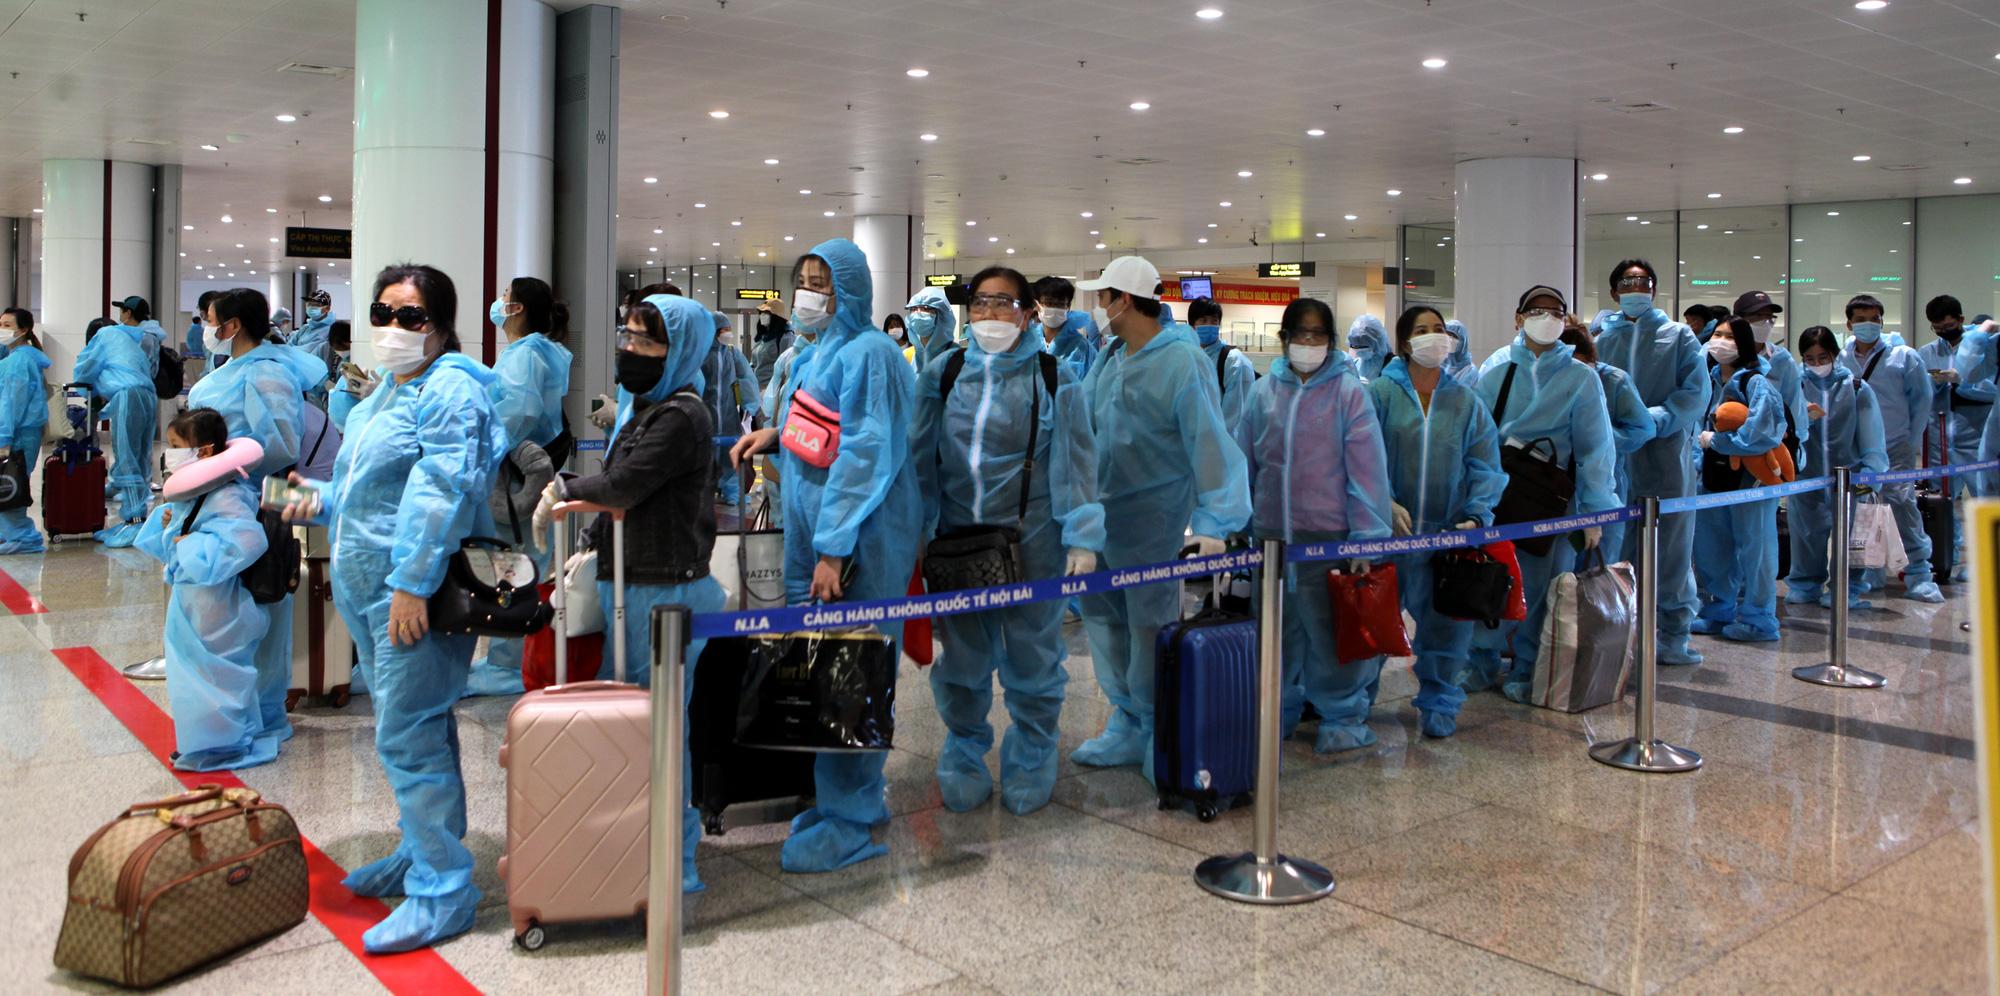 Vietnam suspends inbound flights, pending official quarantine procedures